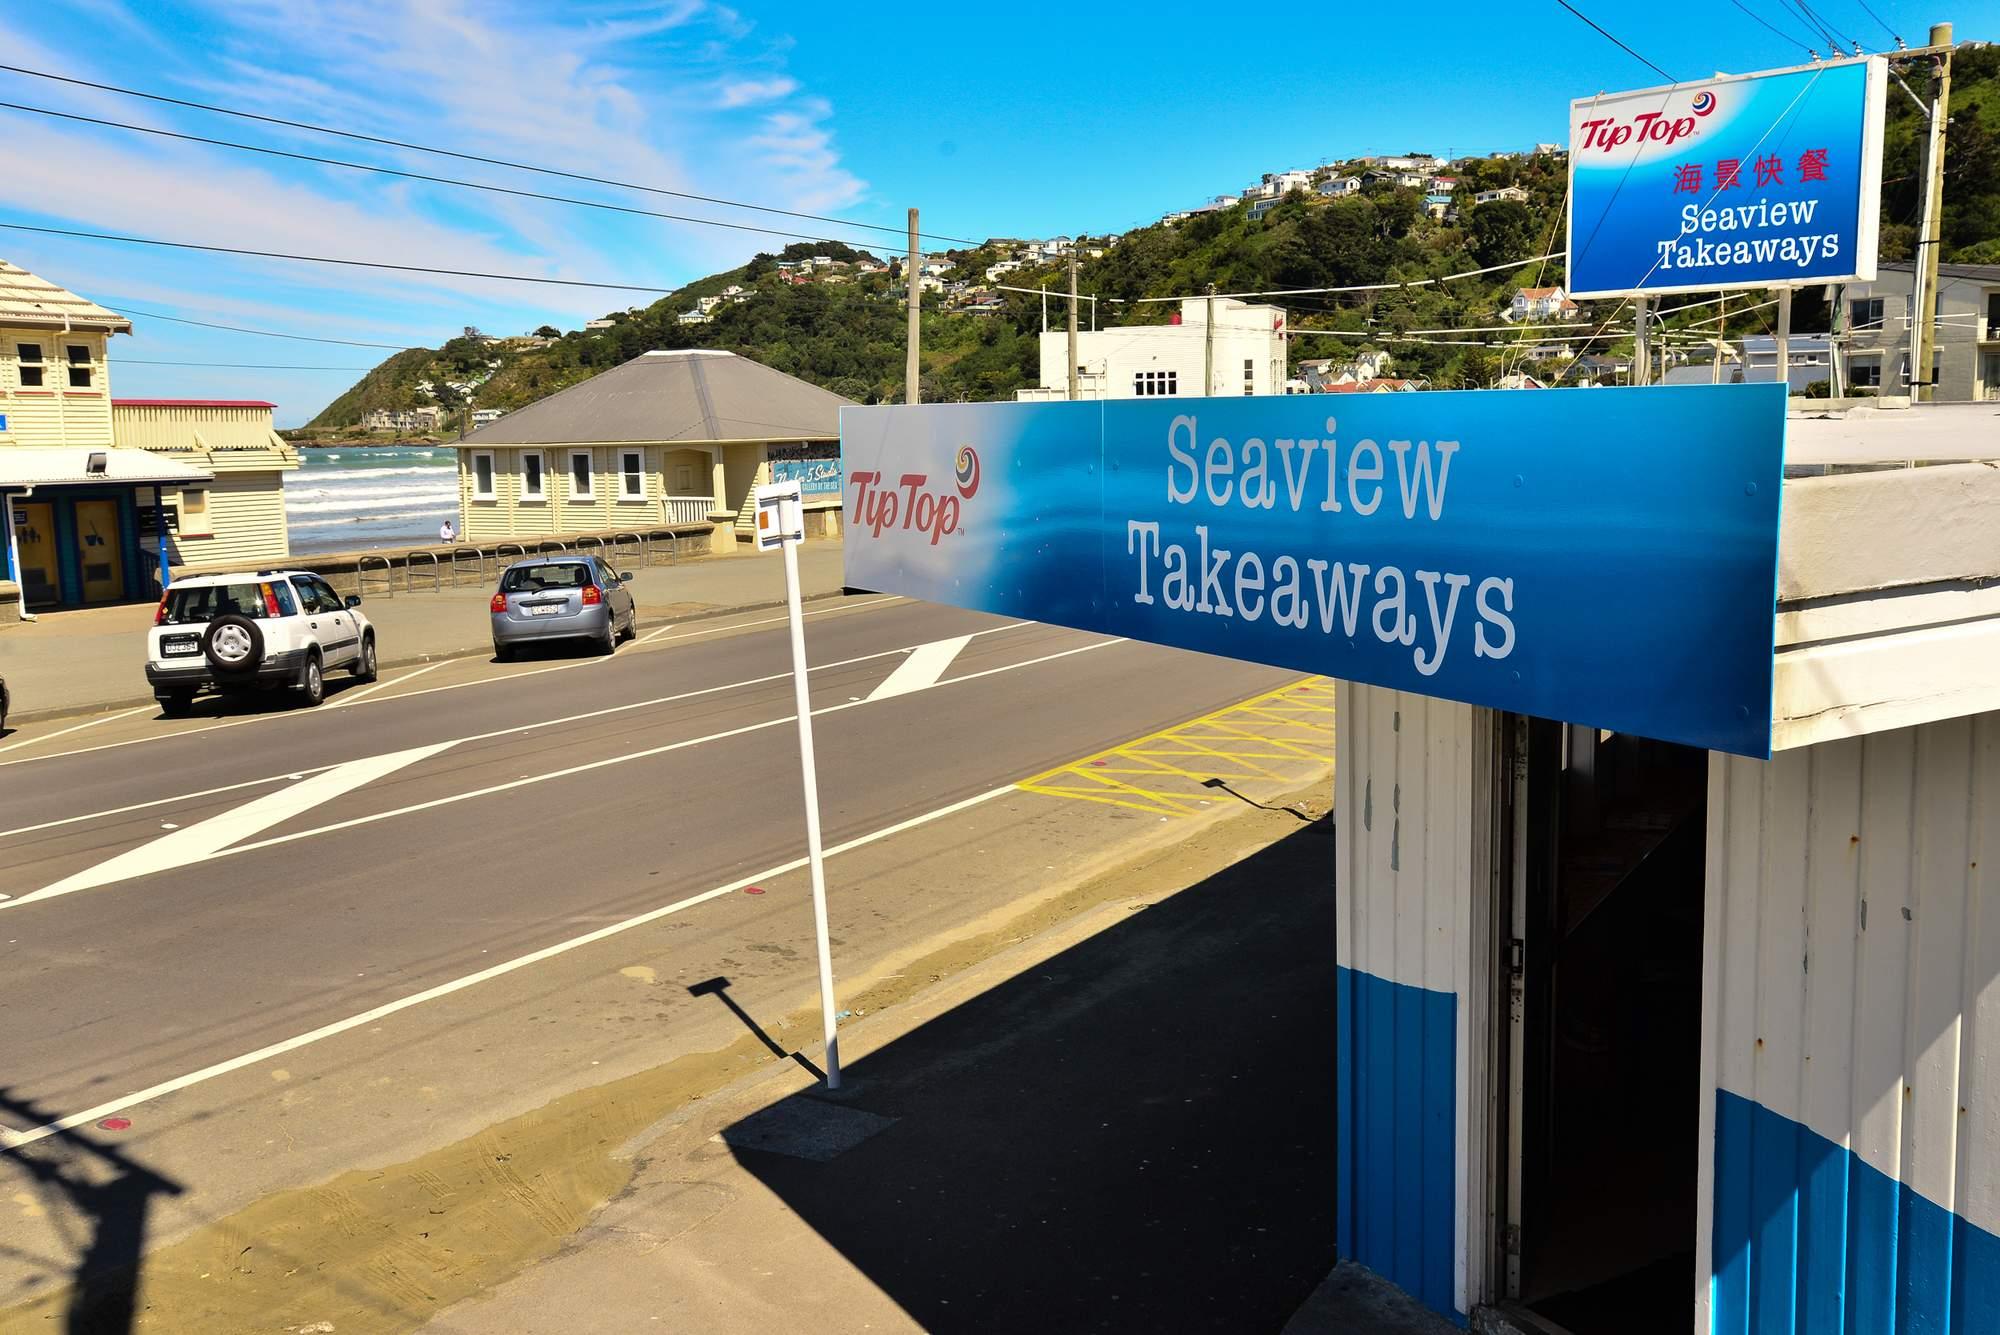 Seaview Takeaways